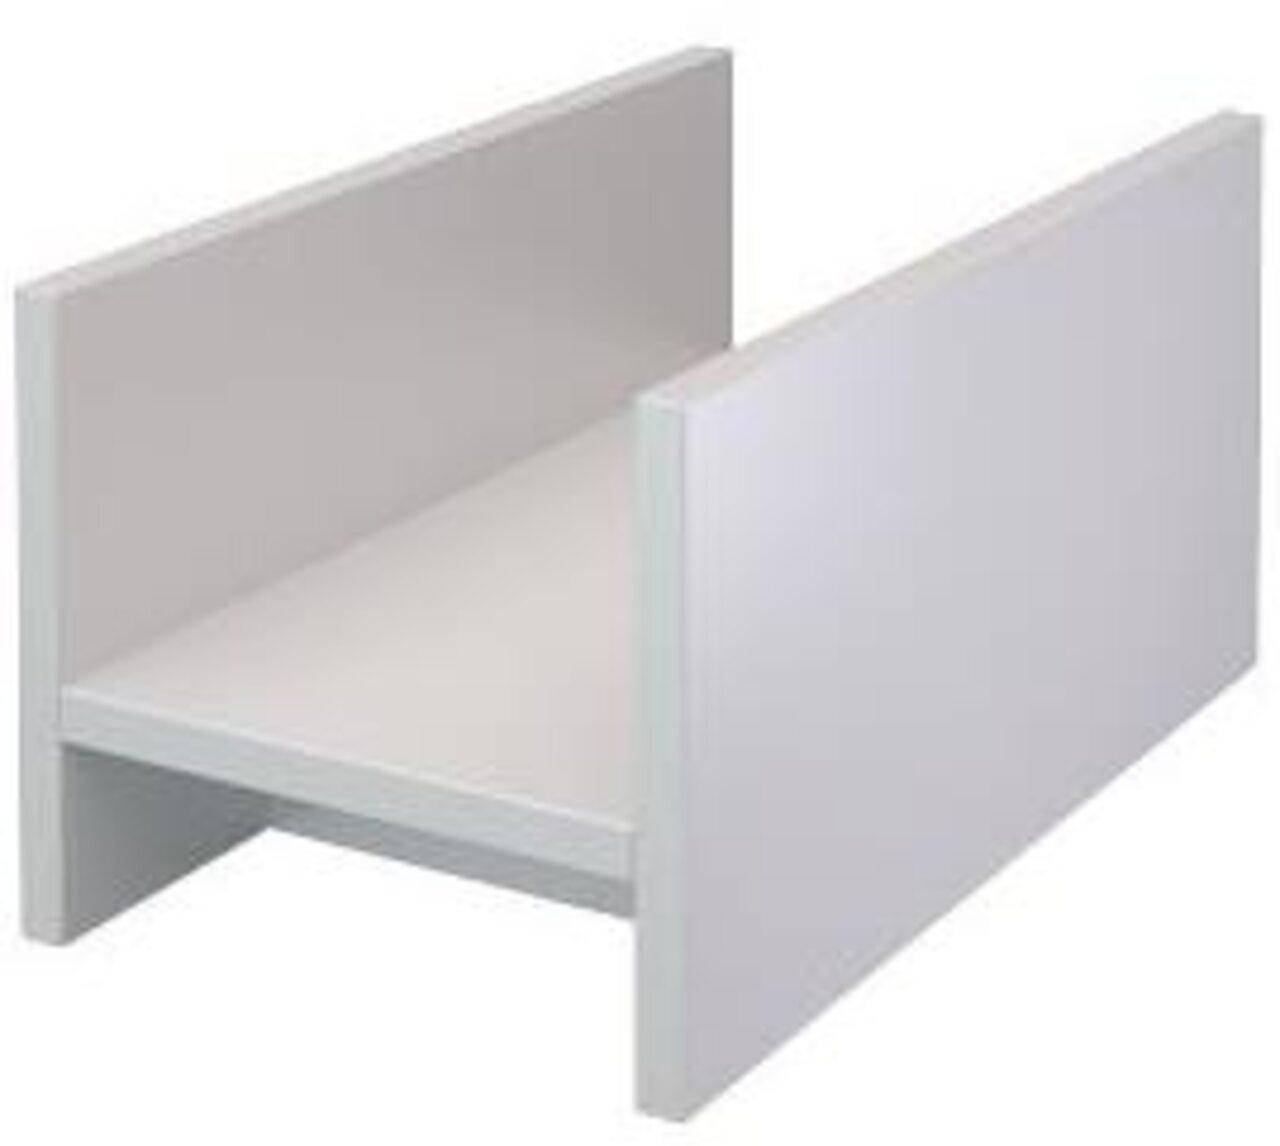 Подставка под системный блок  Арго 25x46x22 - фото 3